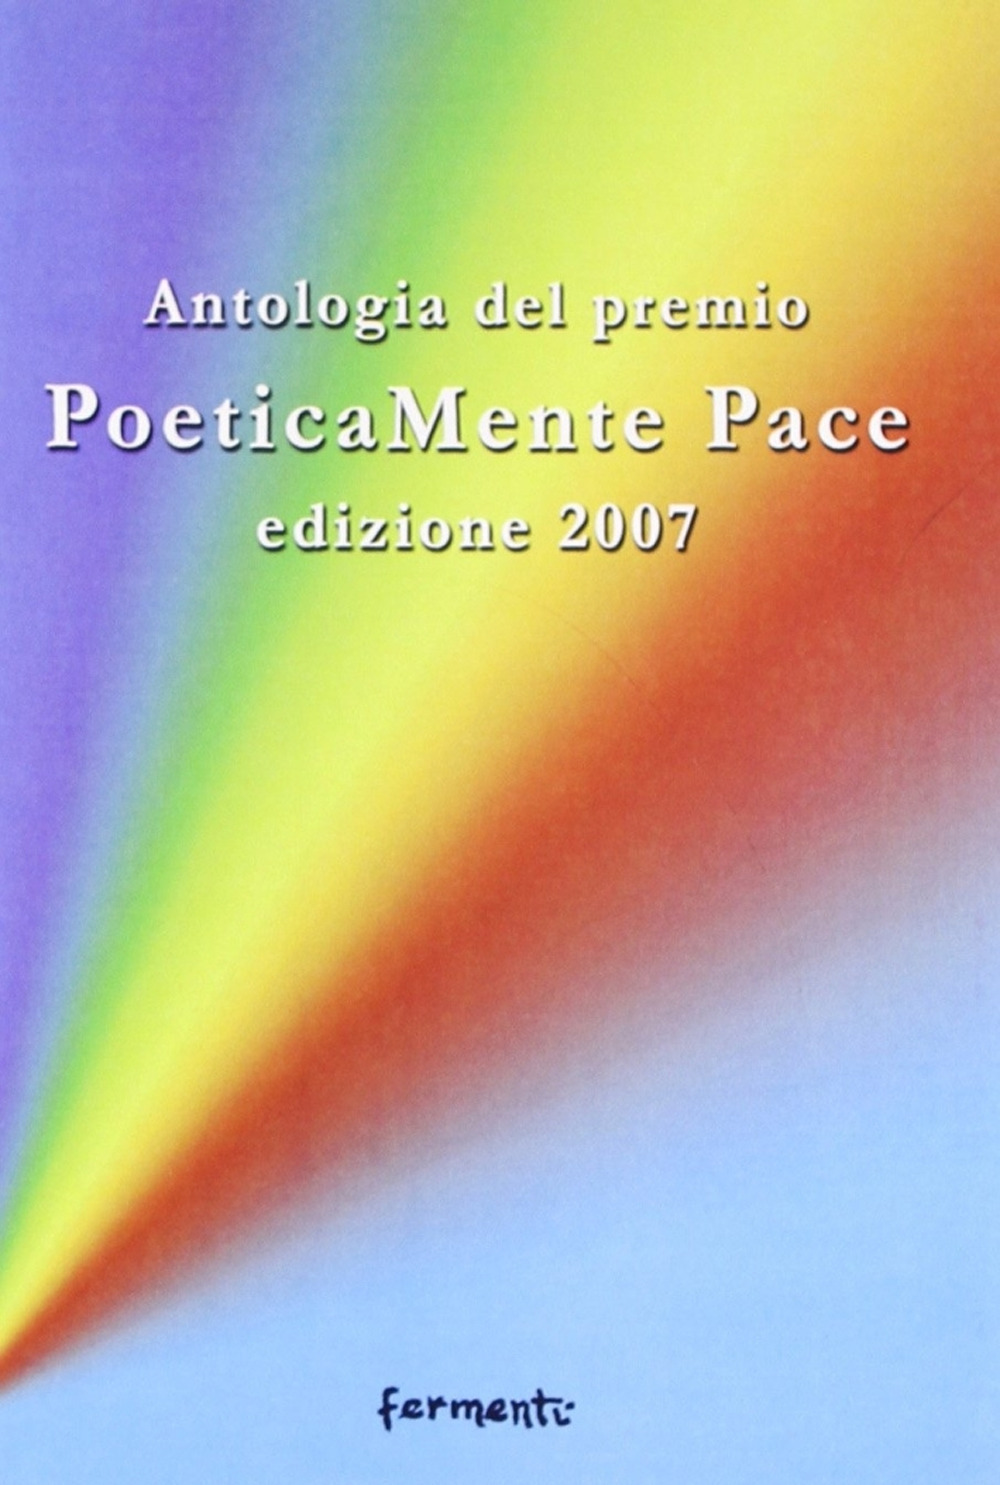 Image of Poeticamente pace. Antologia premio 2007 organizzato dalla provinc..